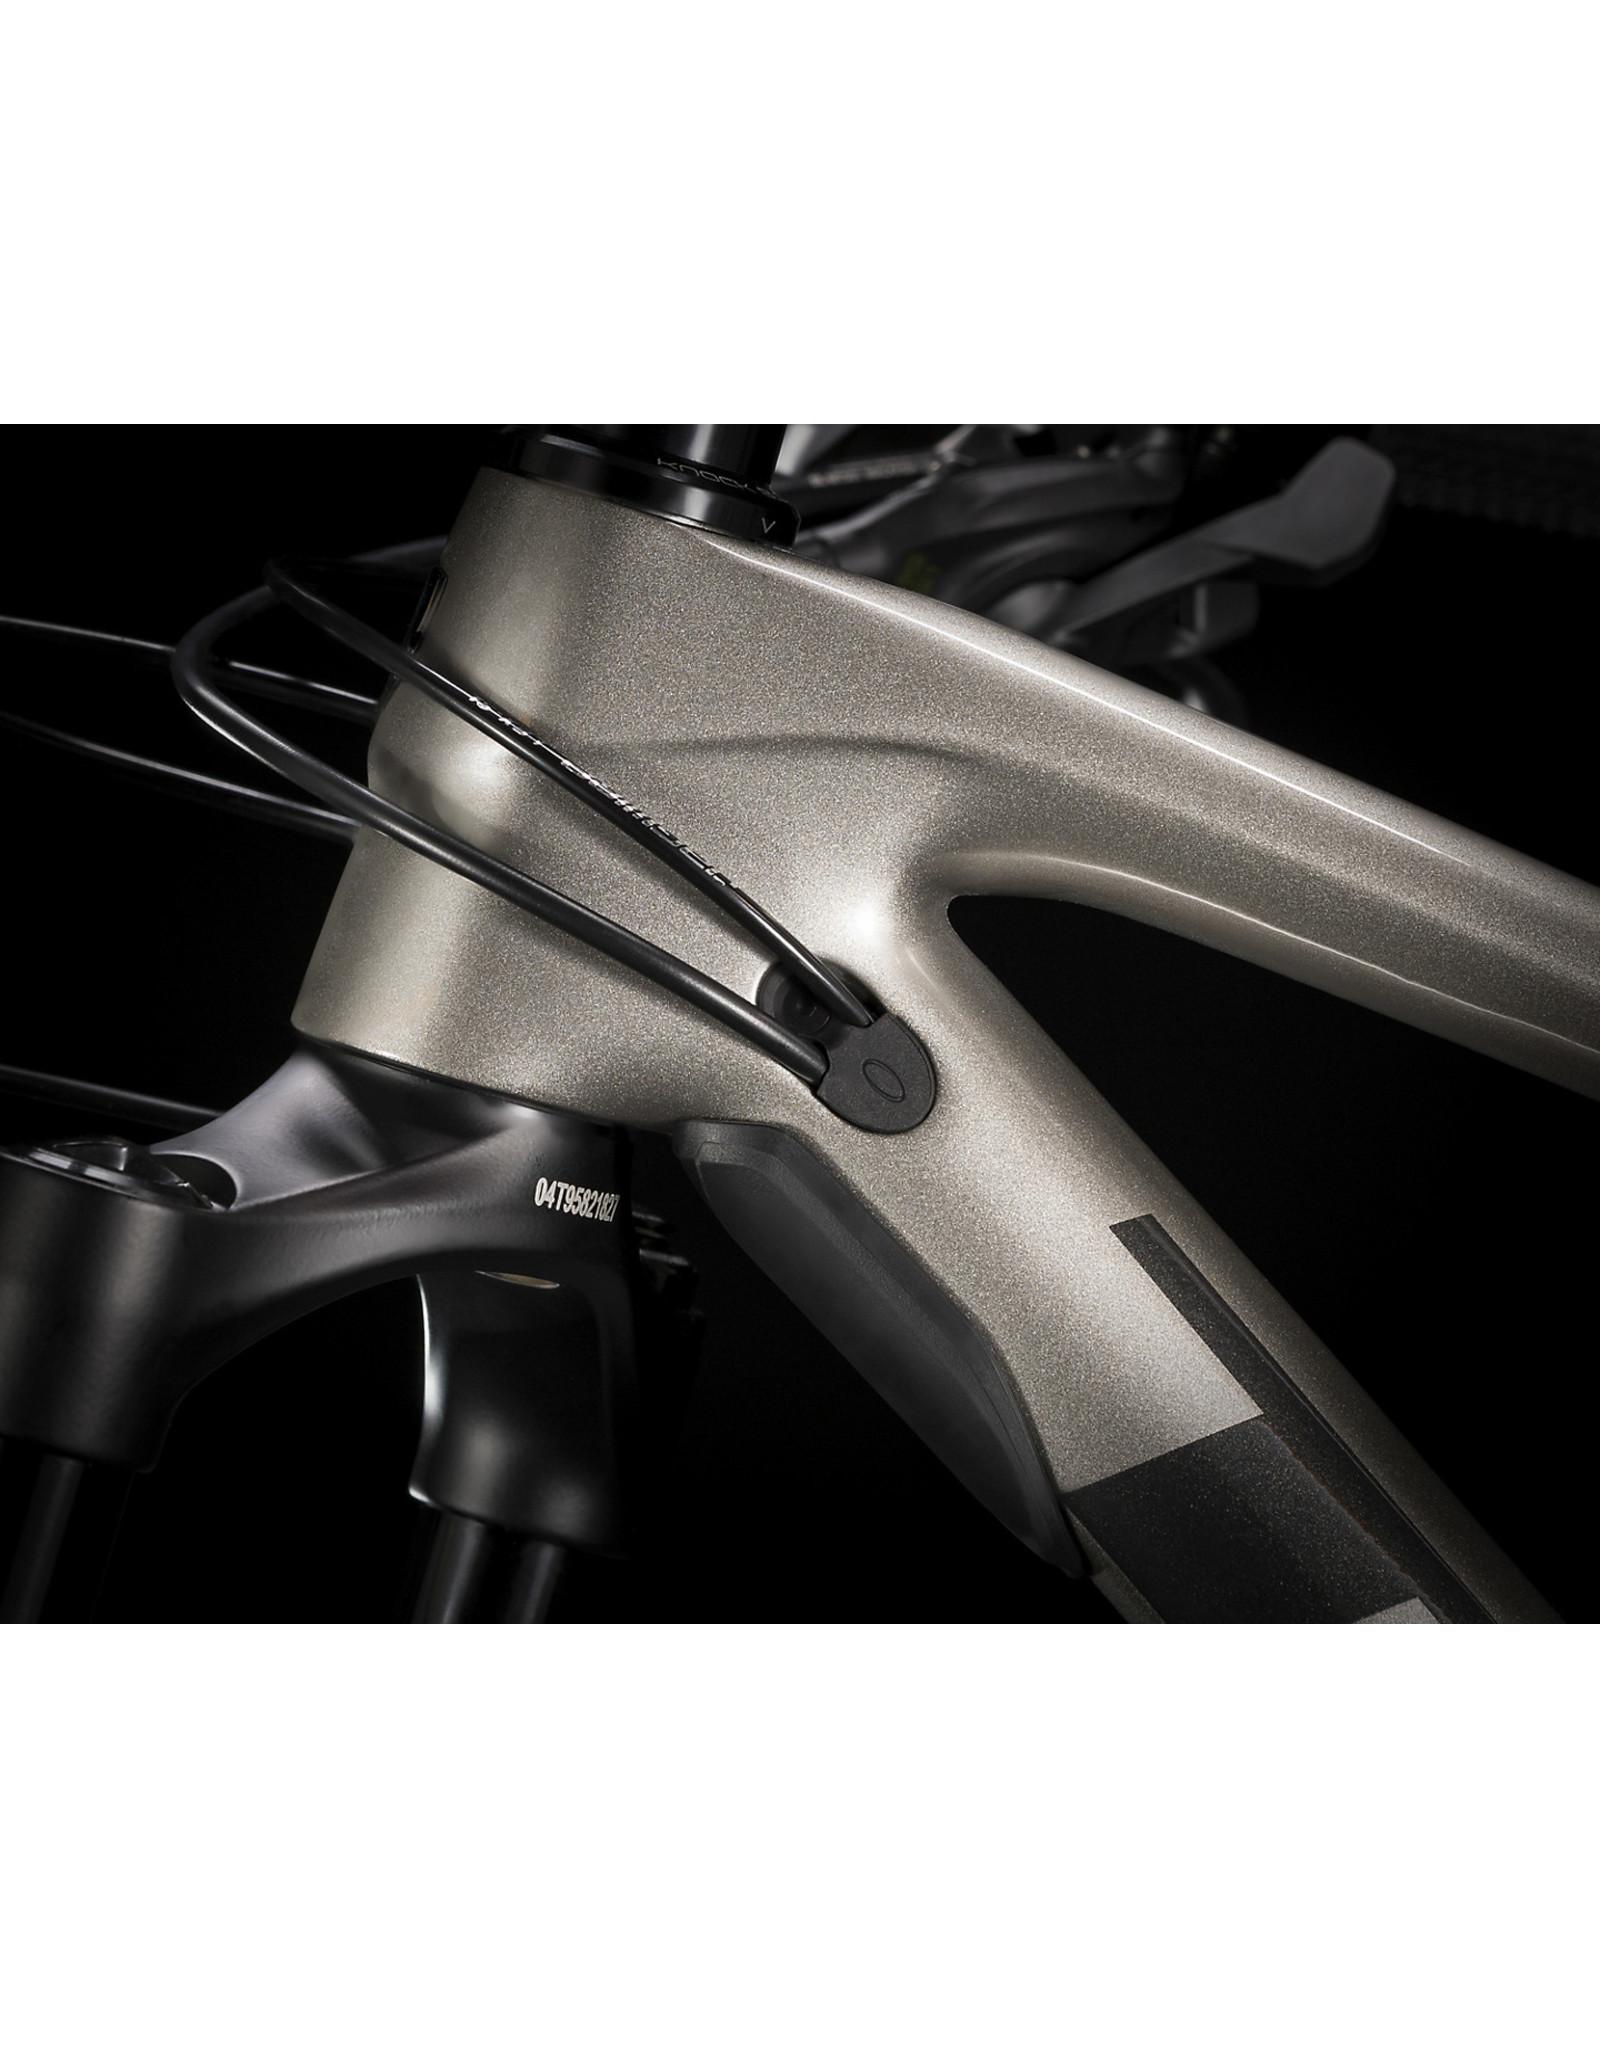 TREK 2020 Trek top fuel 9.7